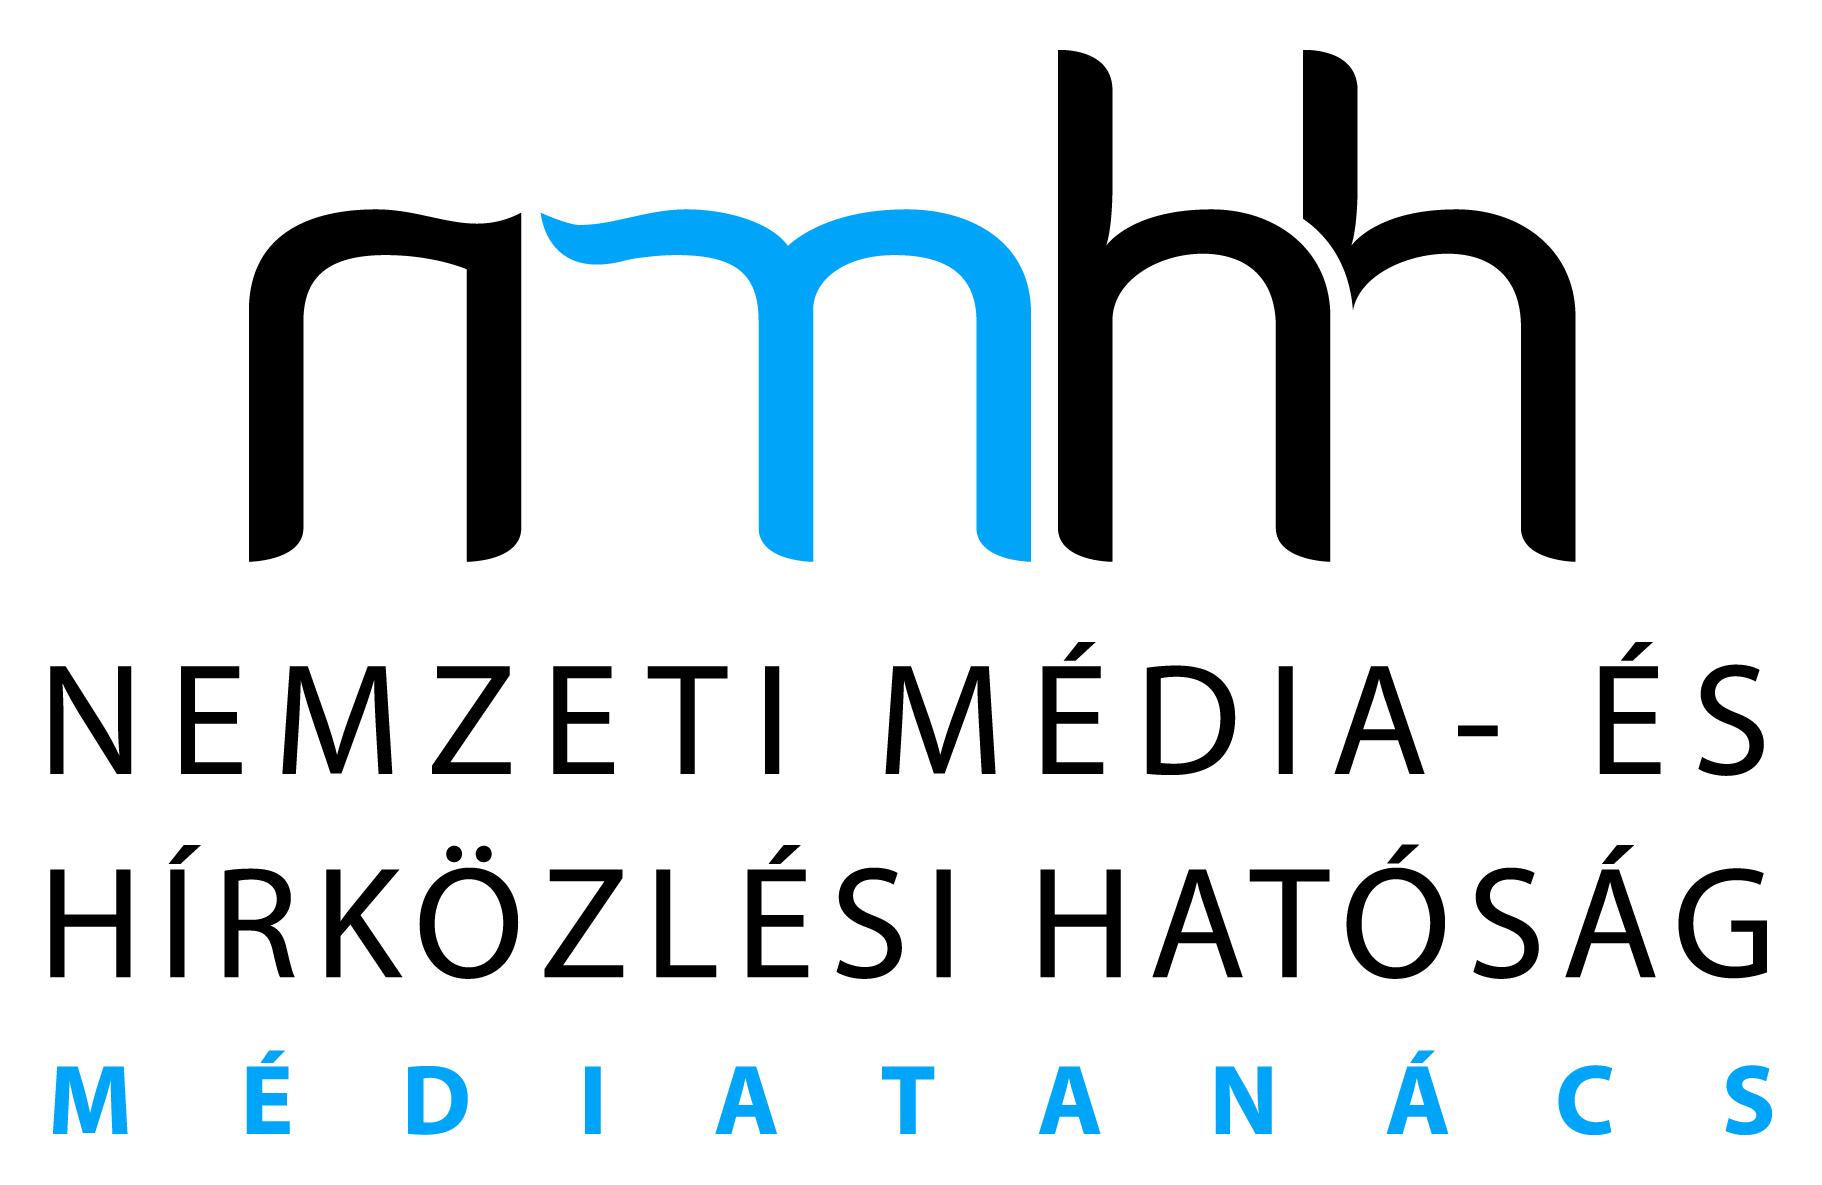 mediatanacs1.jpg